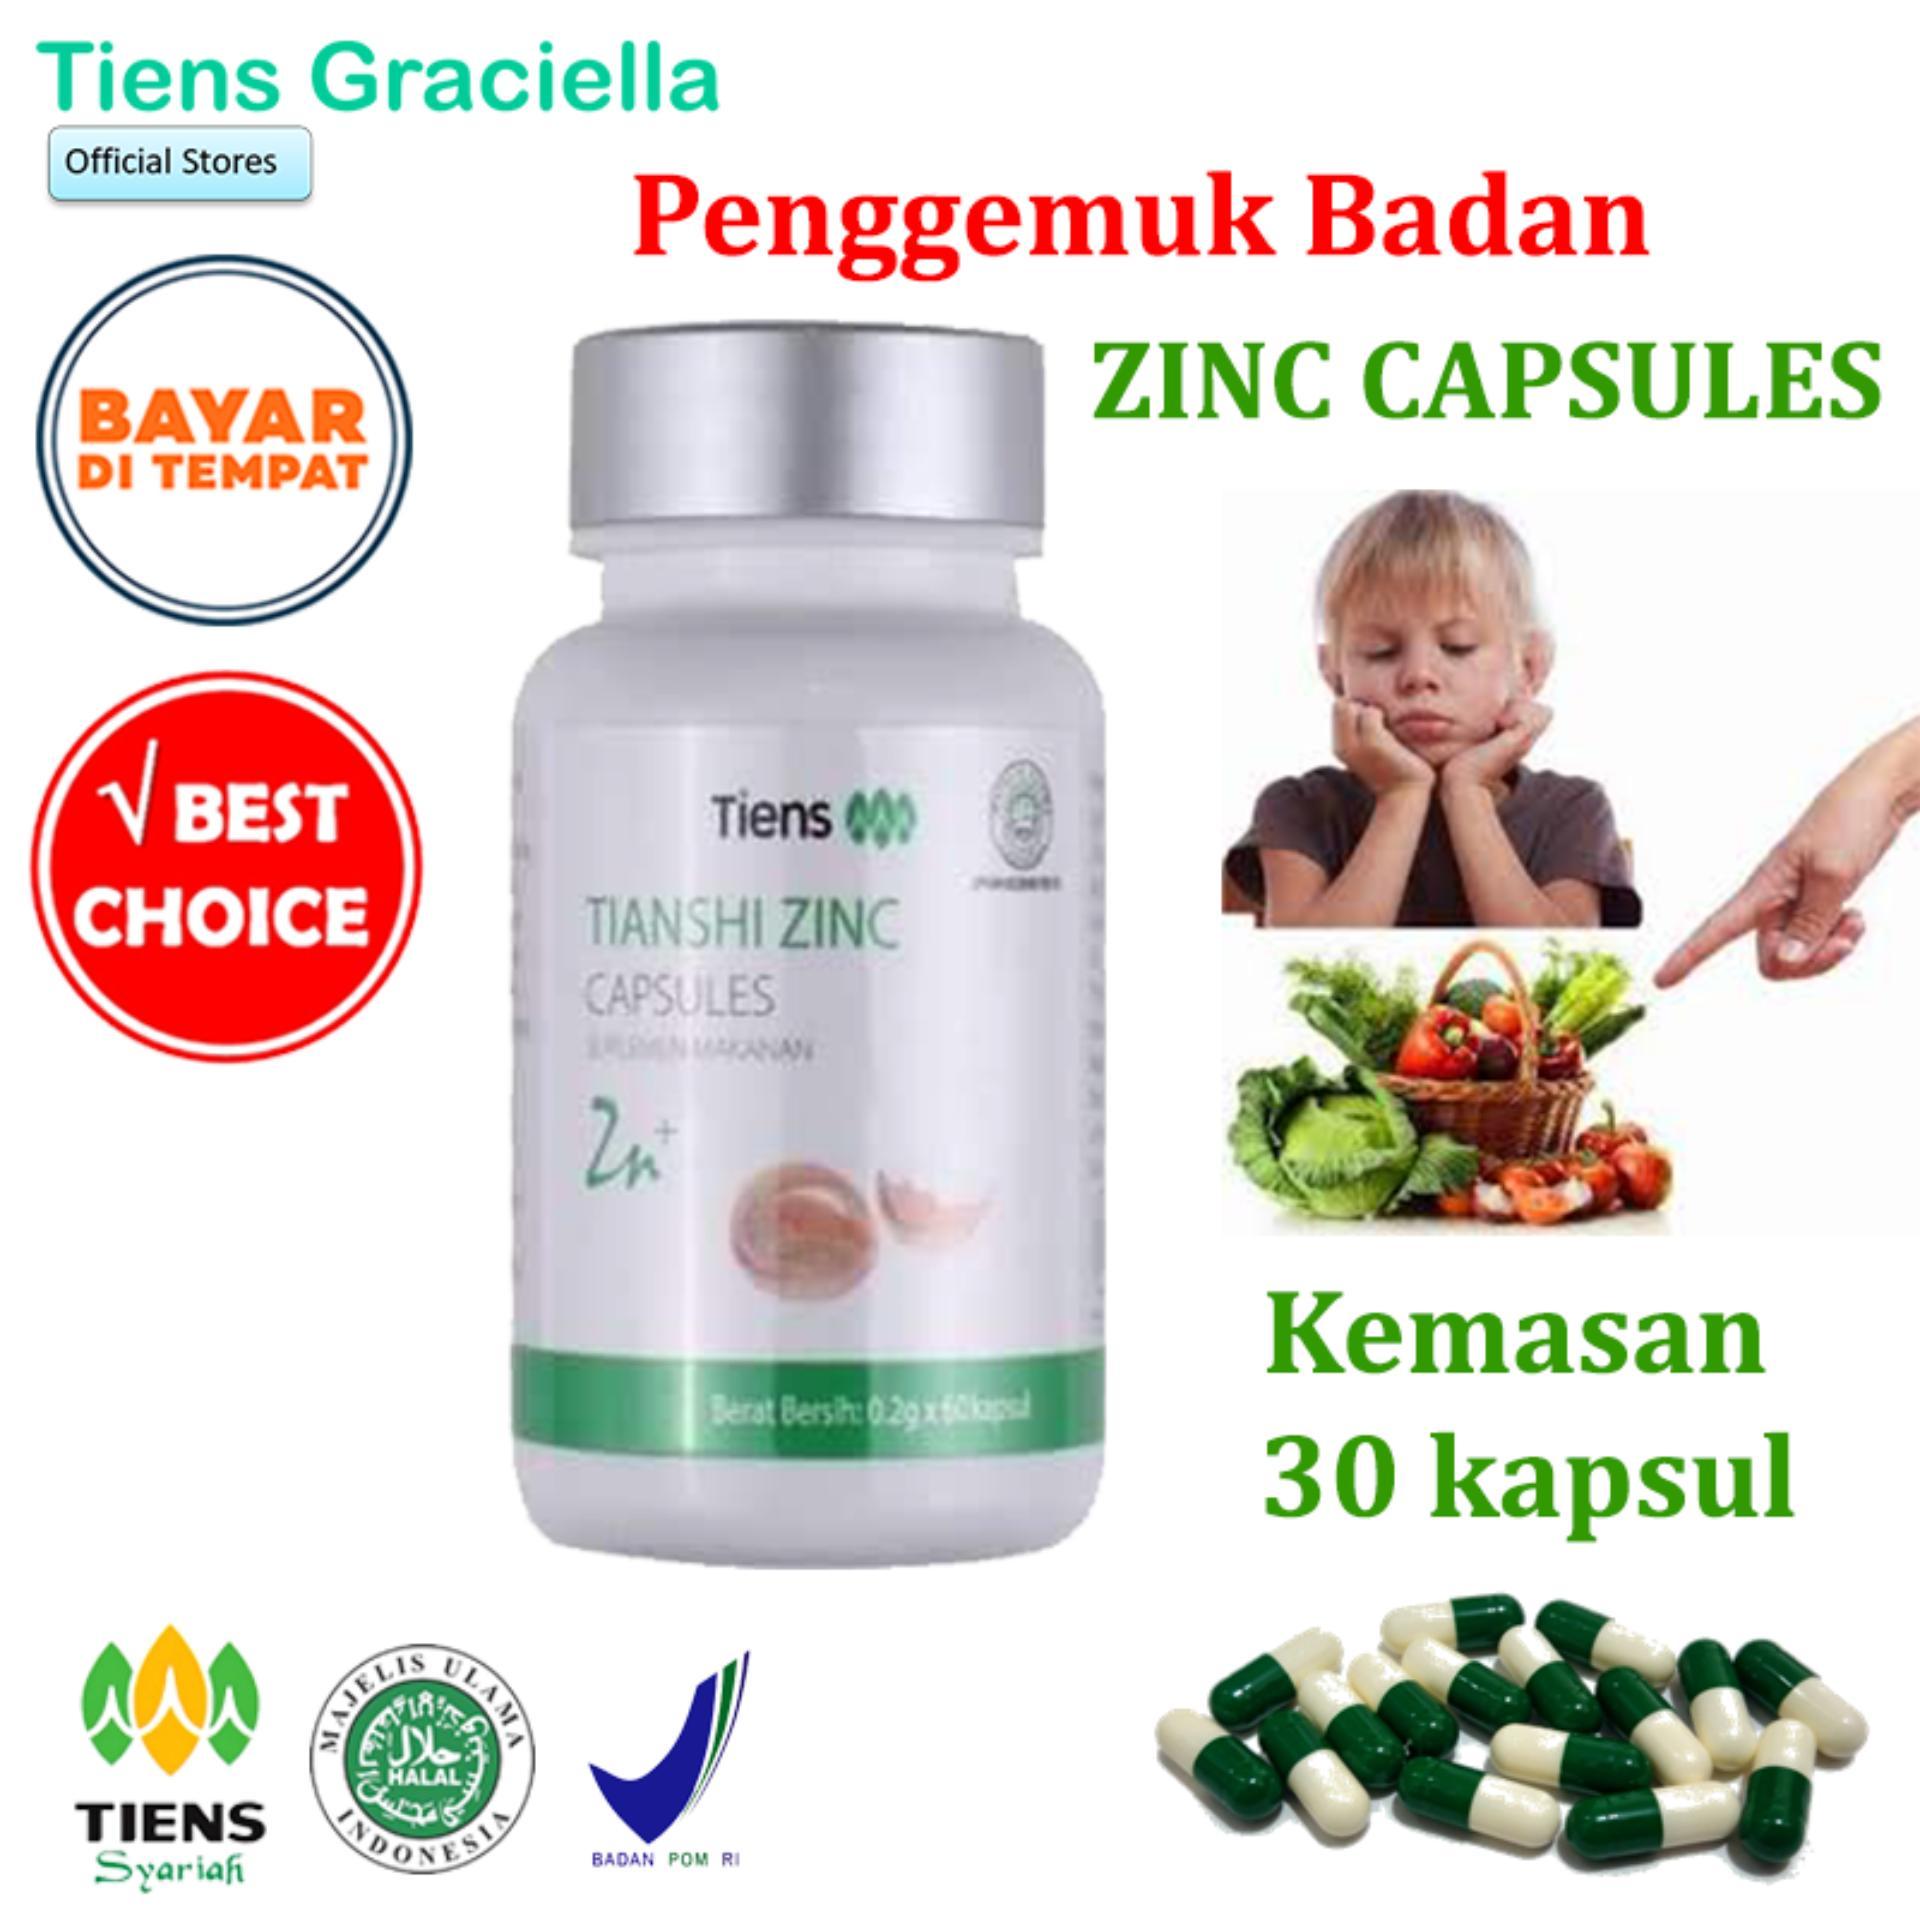 Tiens Zinc Penggemuk Badan Paket Promo Banting Harga 30 Kapsul + Gratis Kartu Member Tiens Graciella By Tiens Graciella.